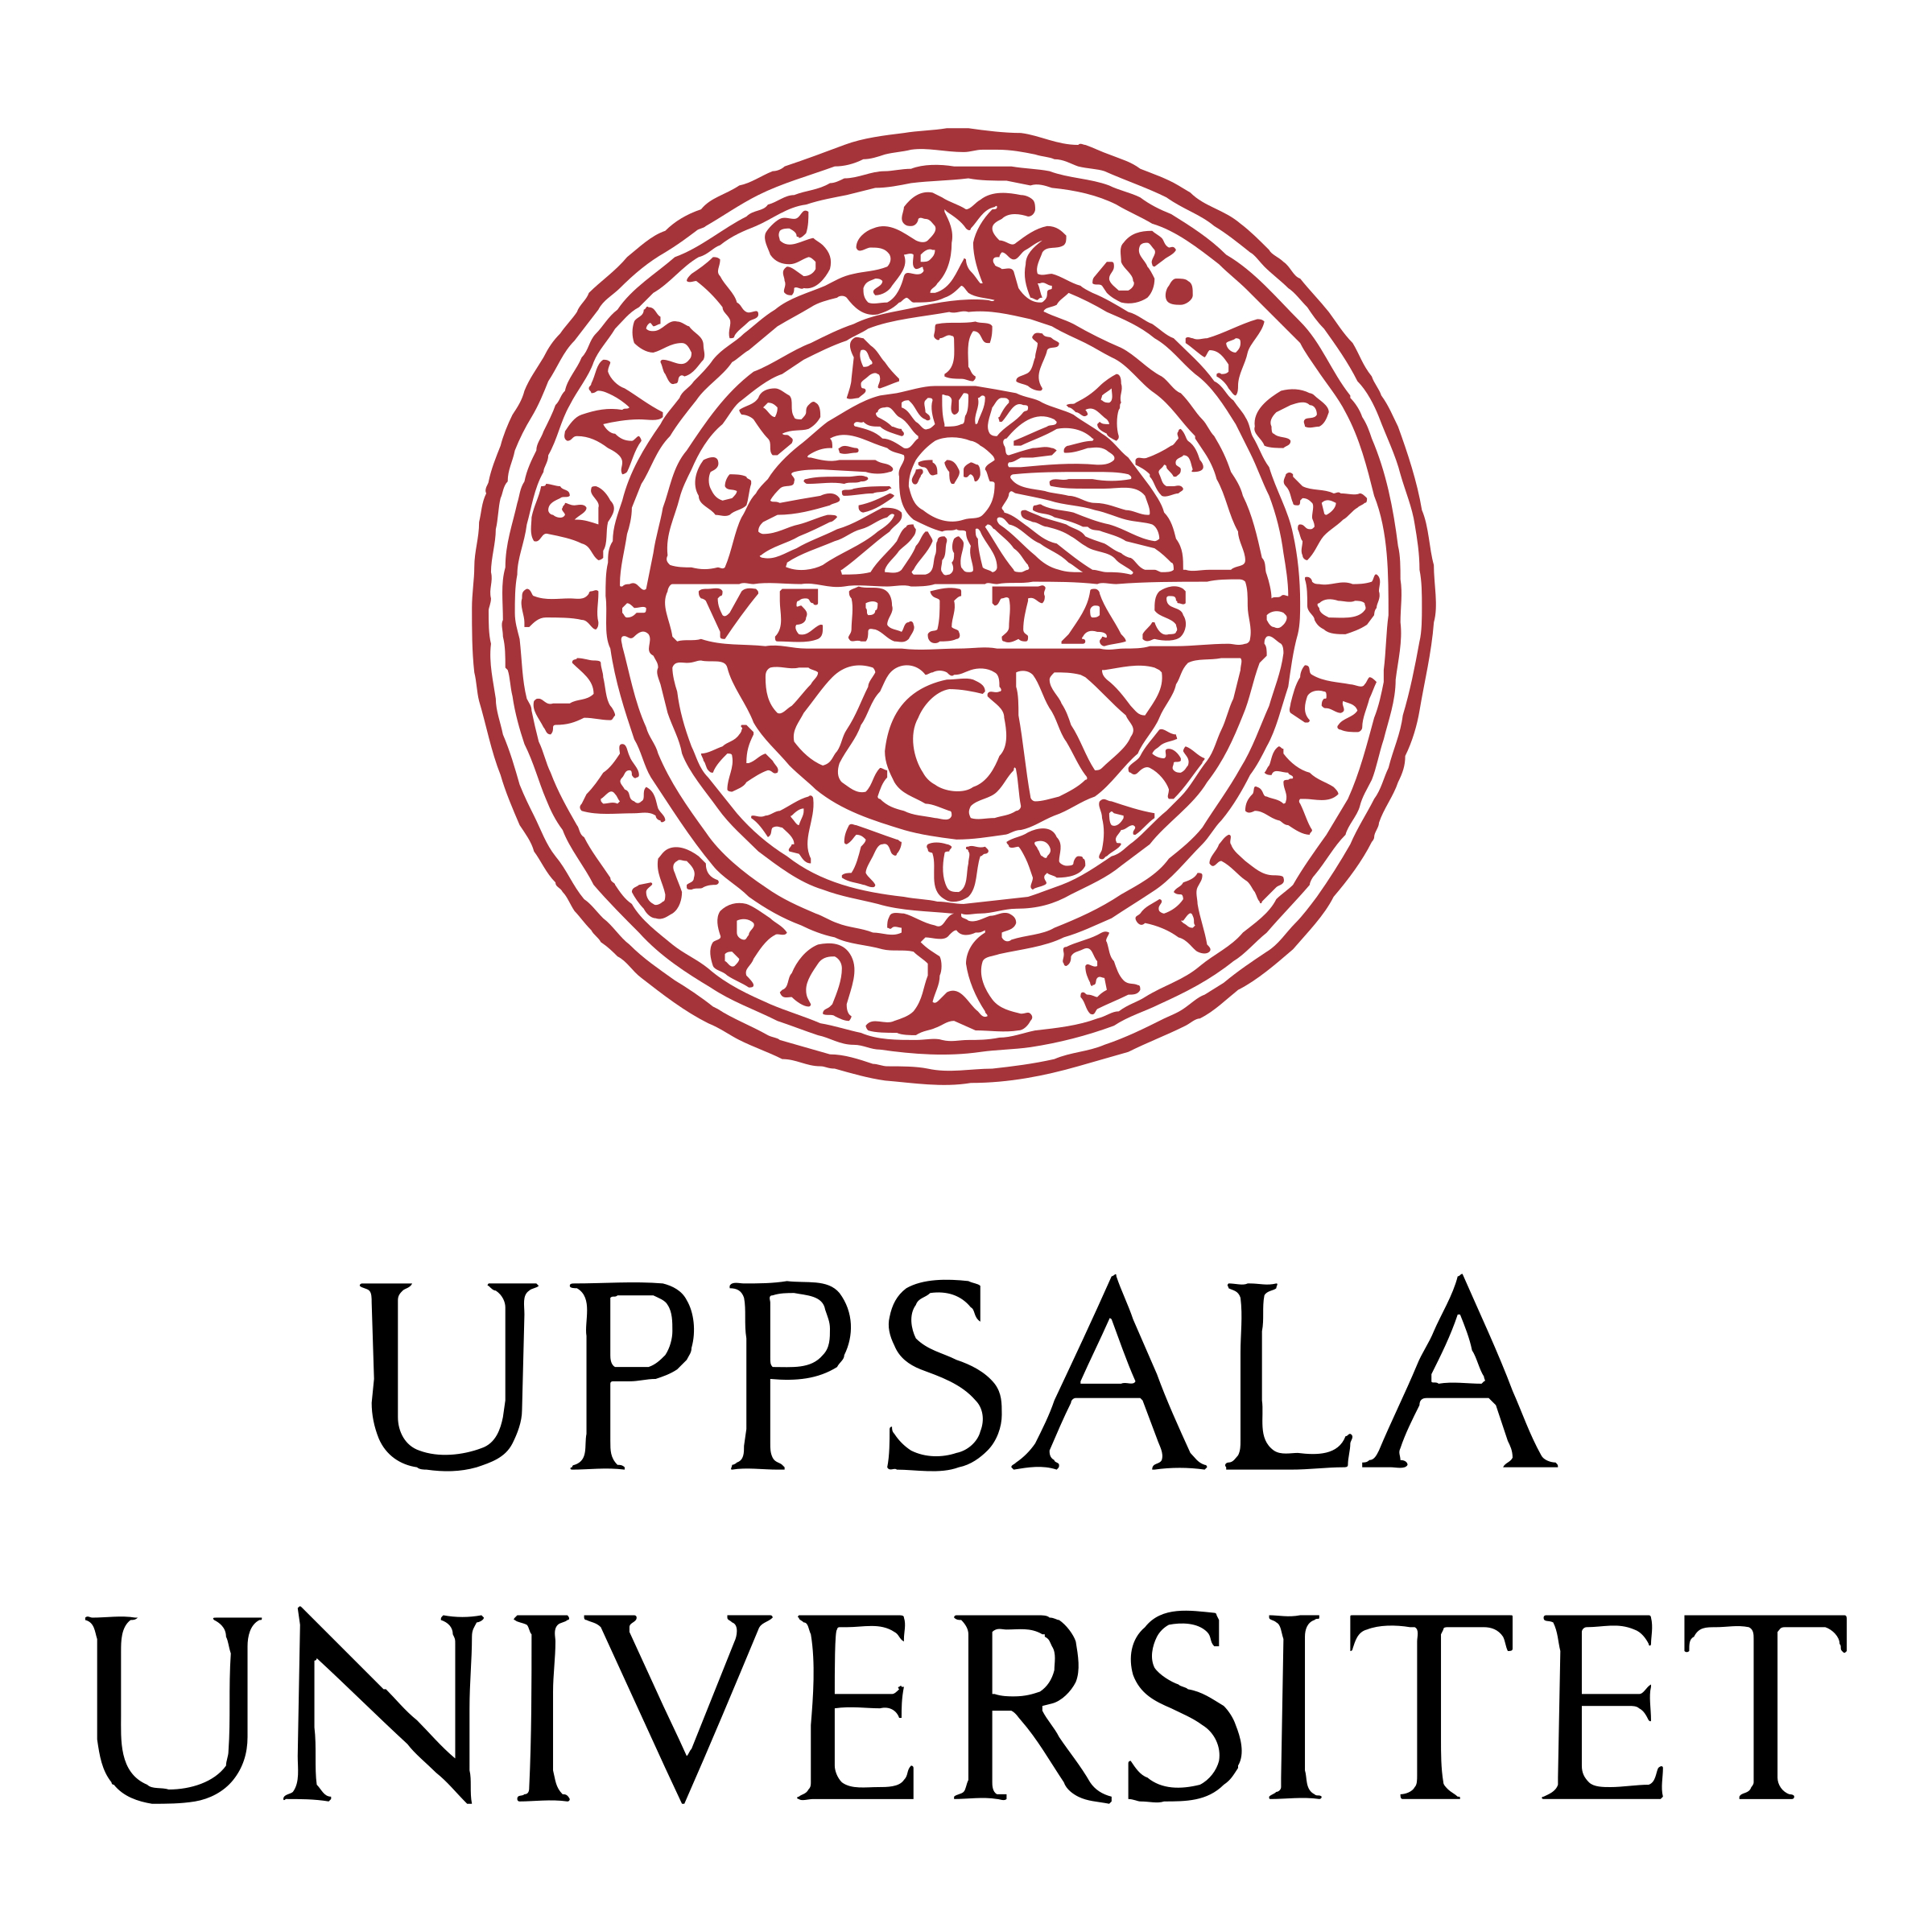 uppsala-universitet-logo-png-transparent